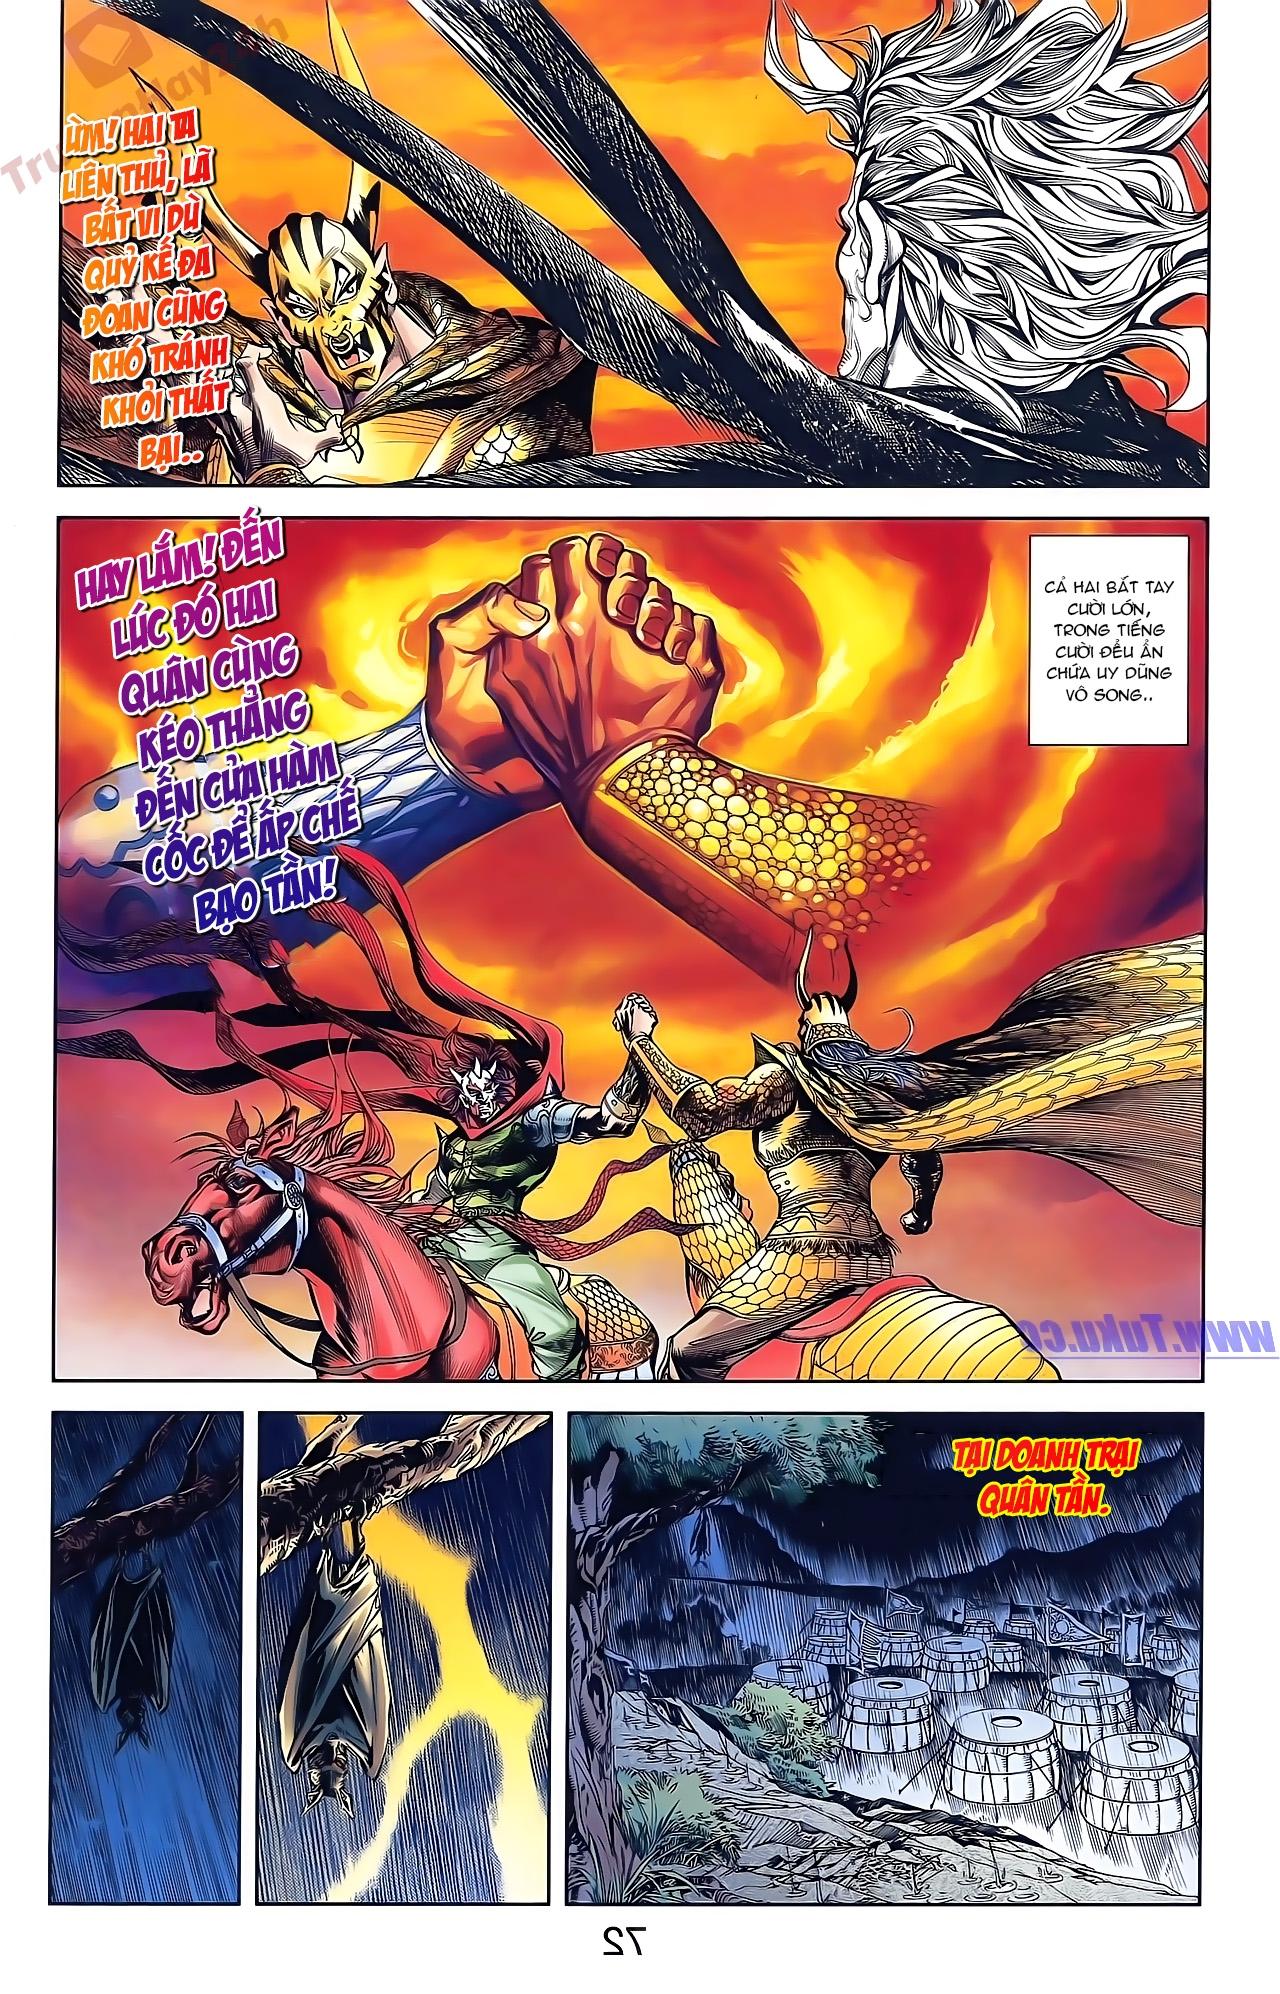 Tần Vương Doanh Chính chapter 47 trang 8